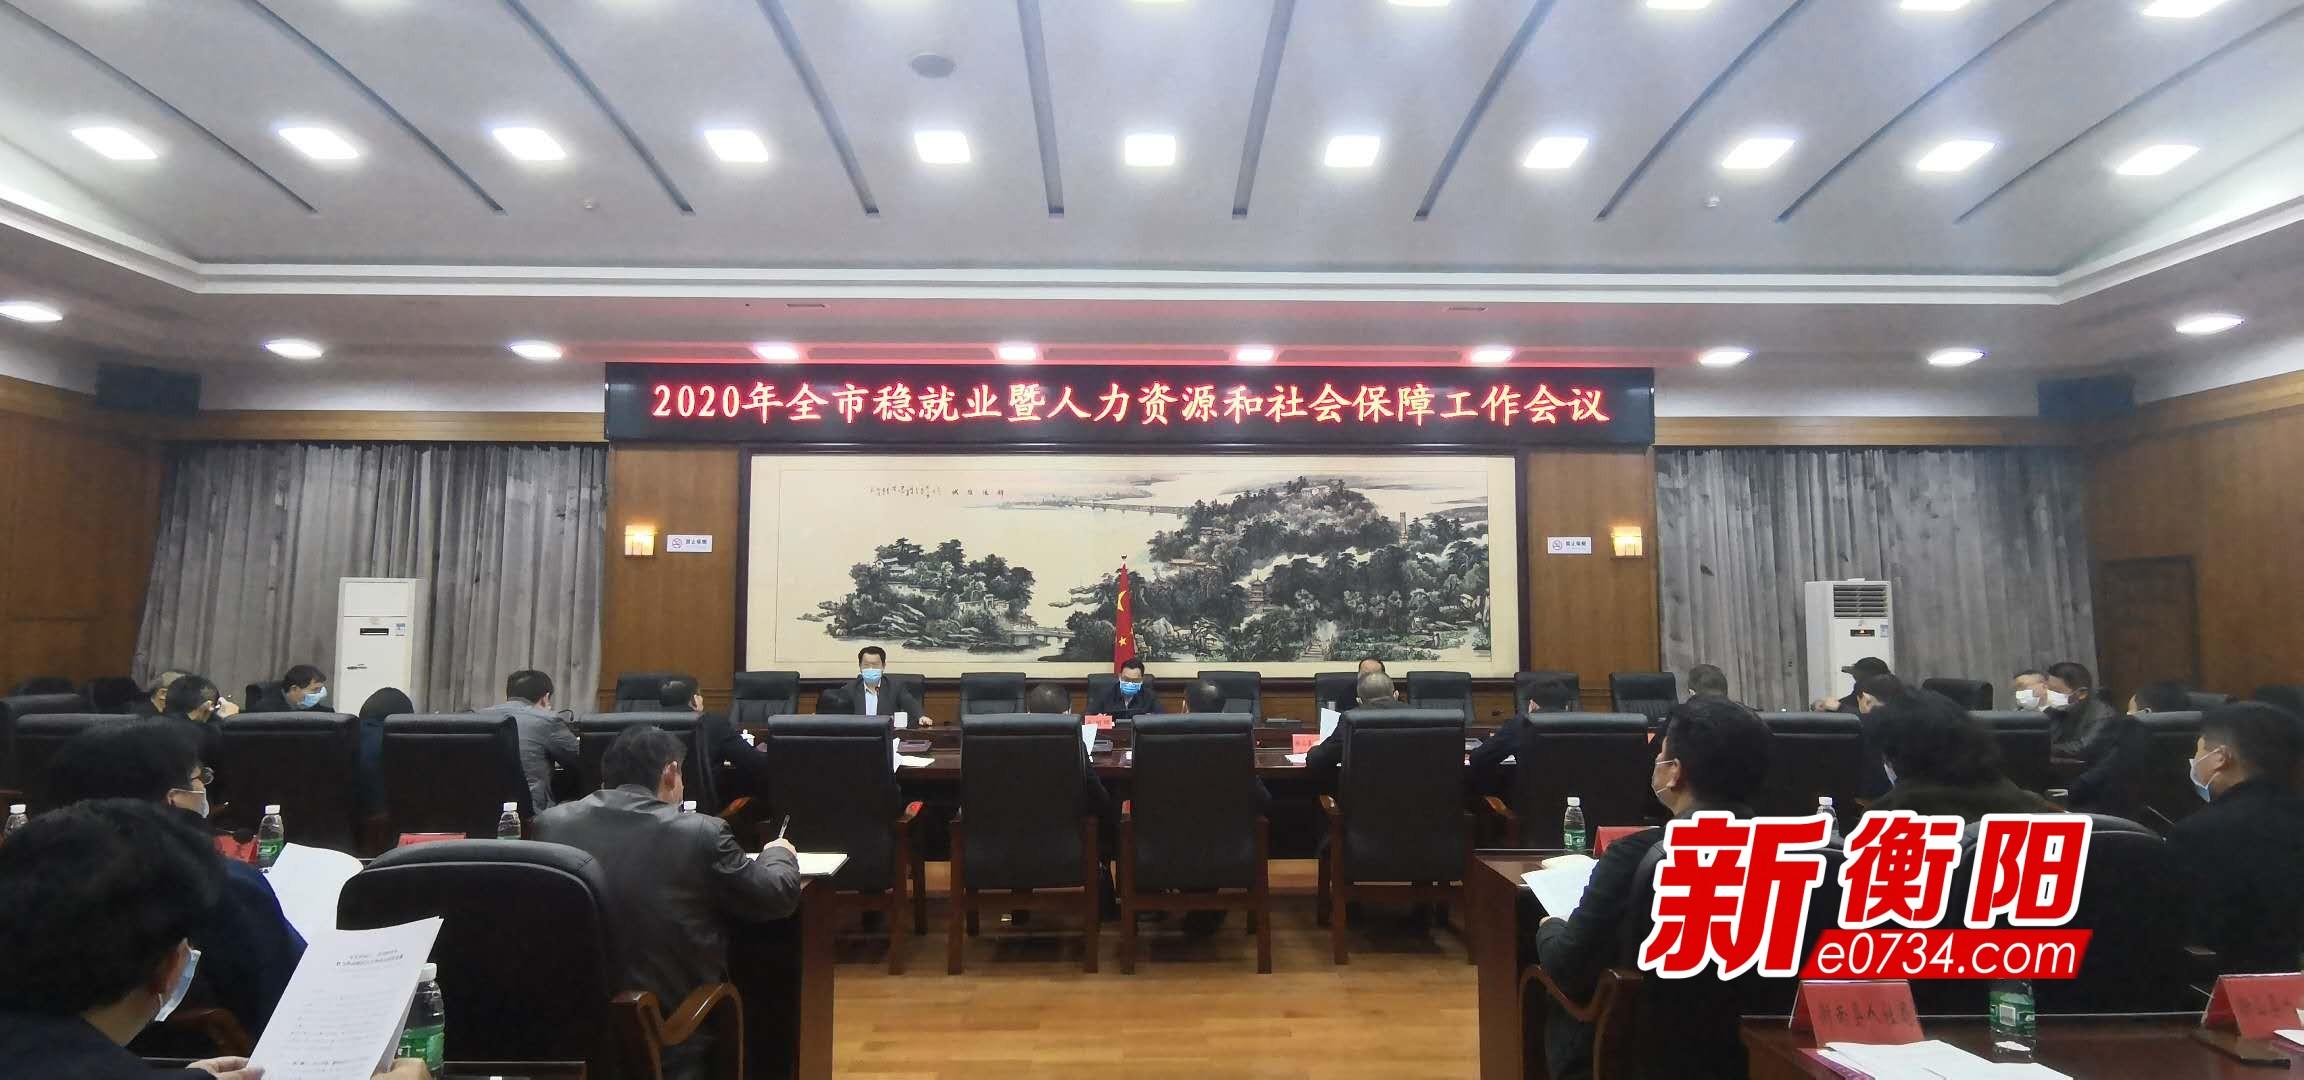 衡阳市召开2020年全市稳就业暨人力资源和社会保障工作会议